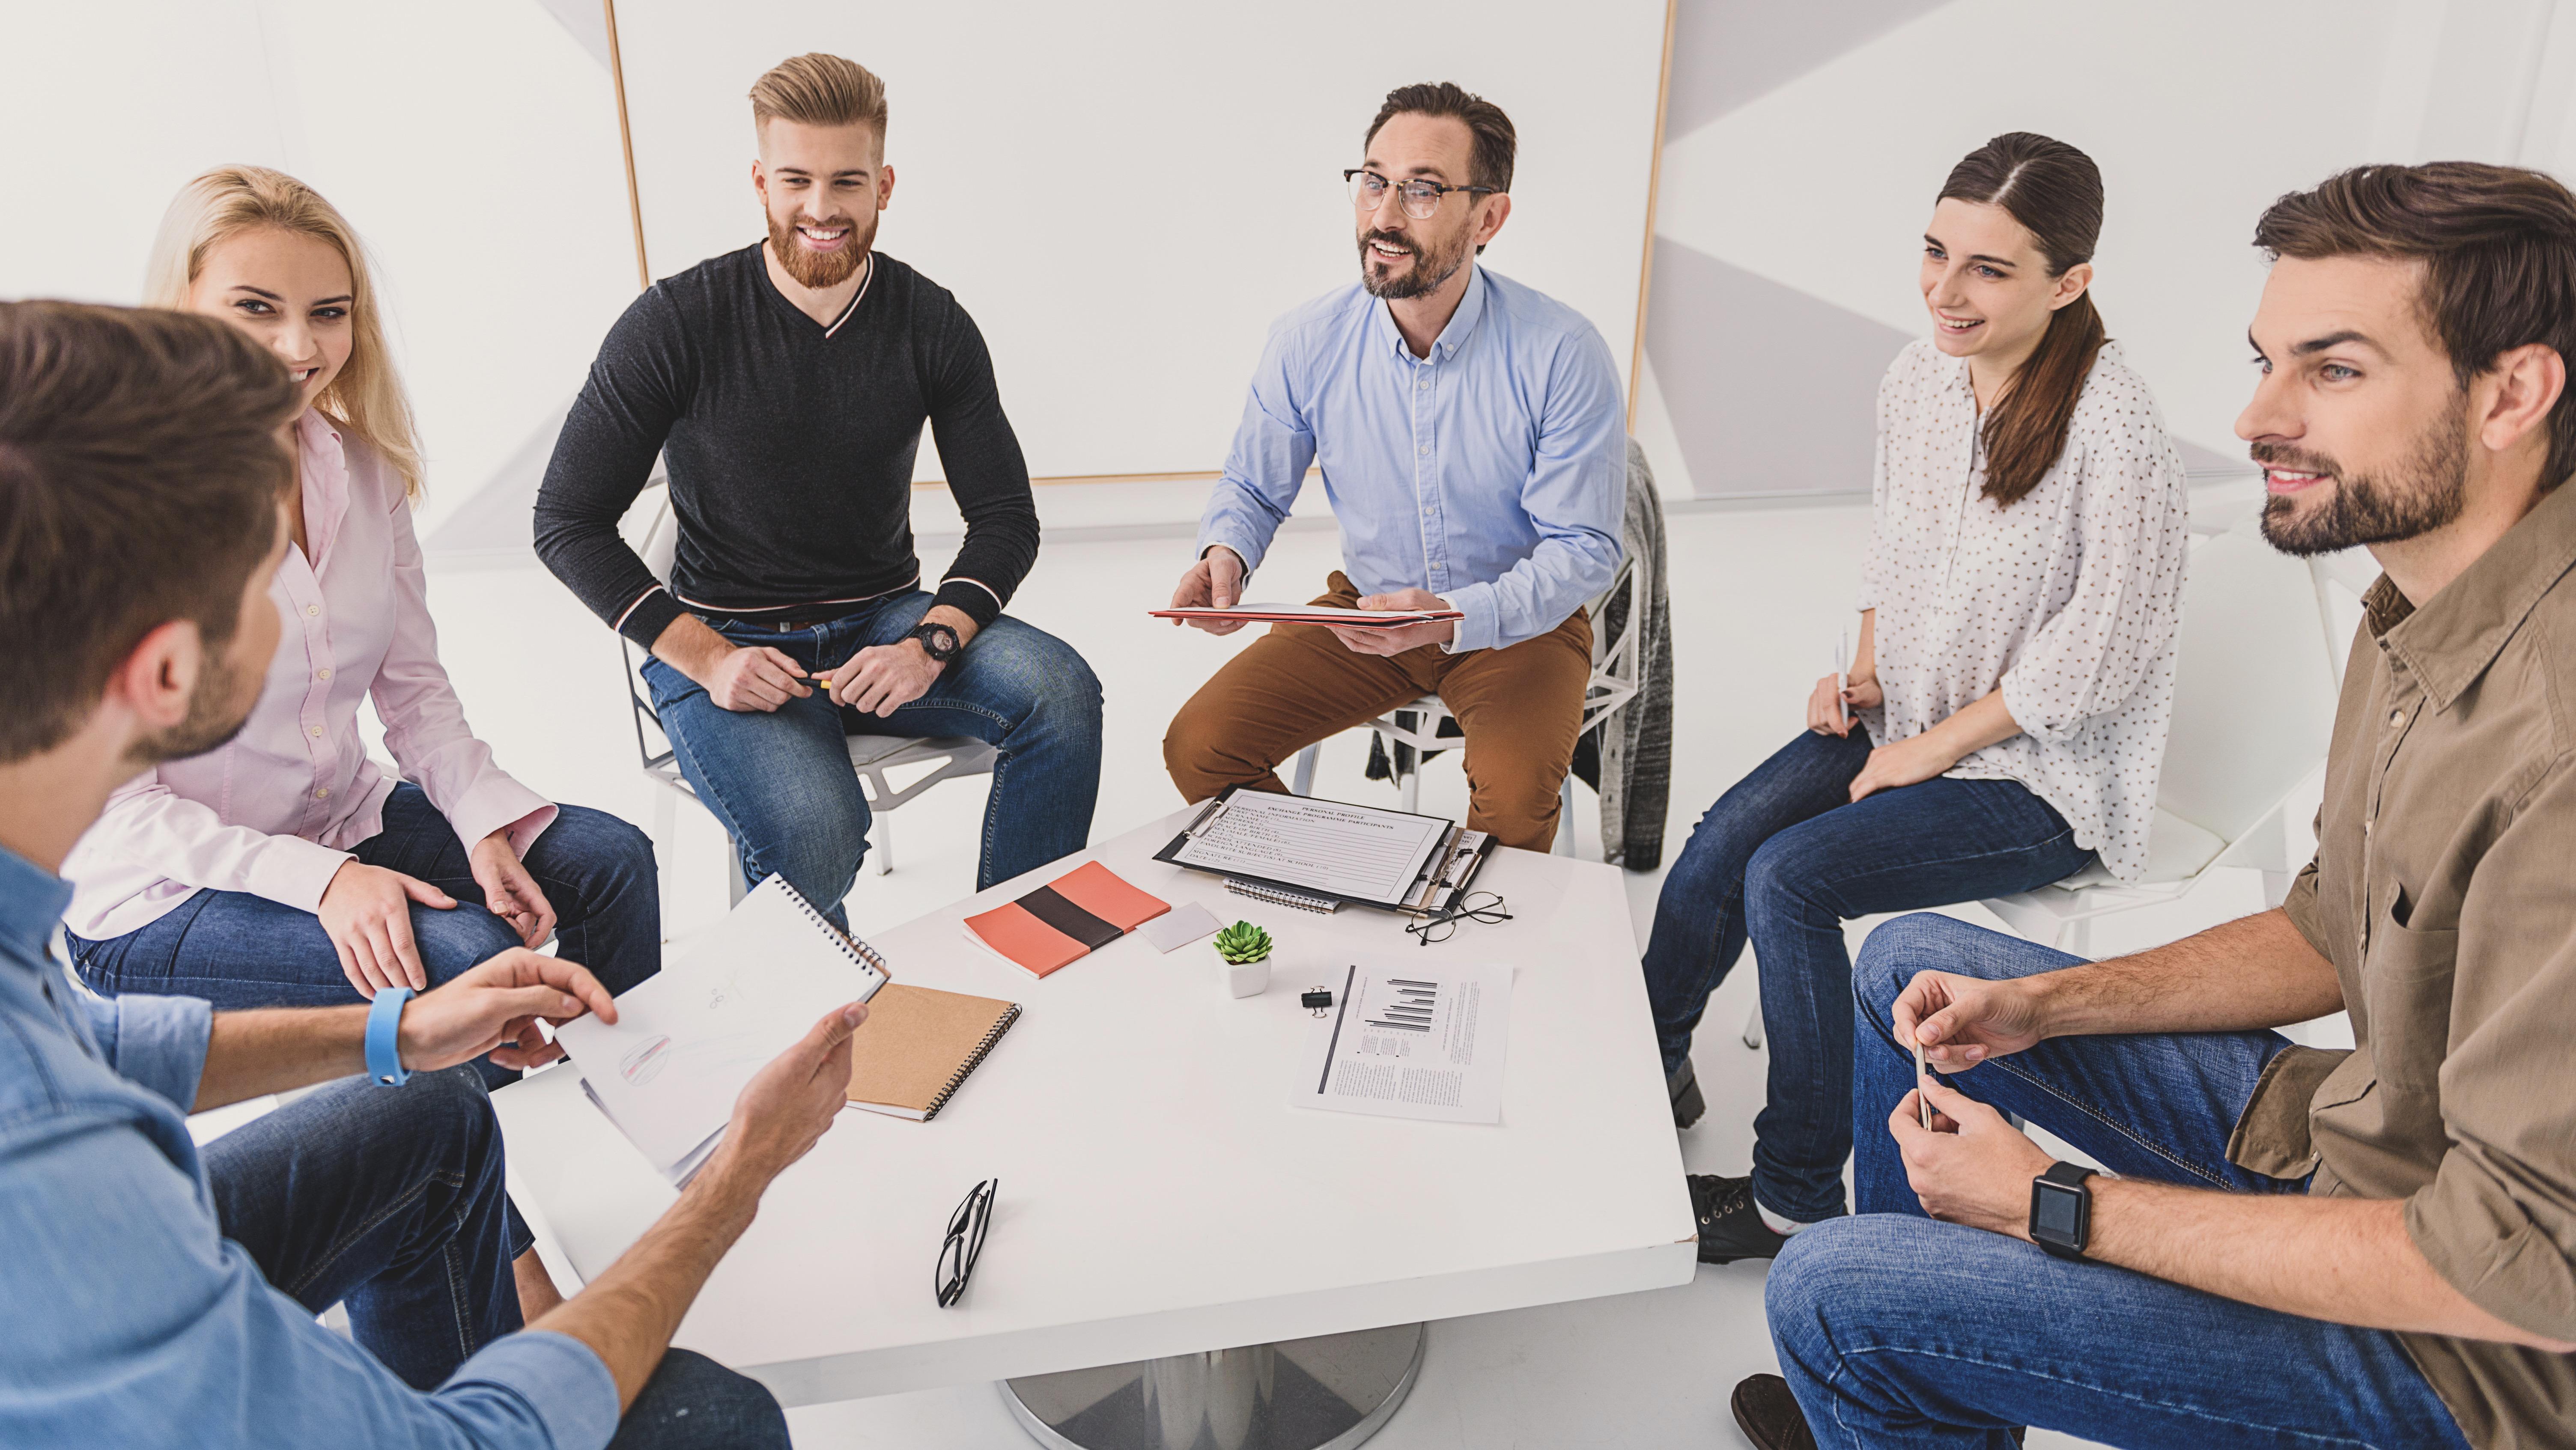 2017年度APU・大分合同新聞講座 第4回『The Staff Oasis: The role of staff break rooms for hospitality employees' wellbeing and performance』